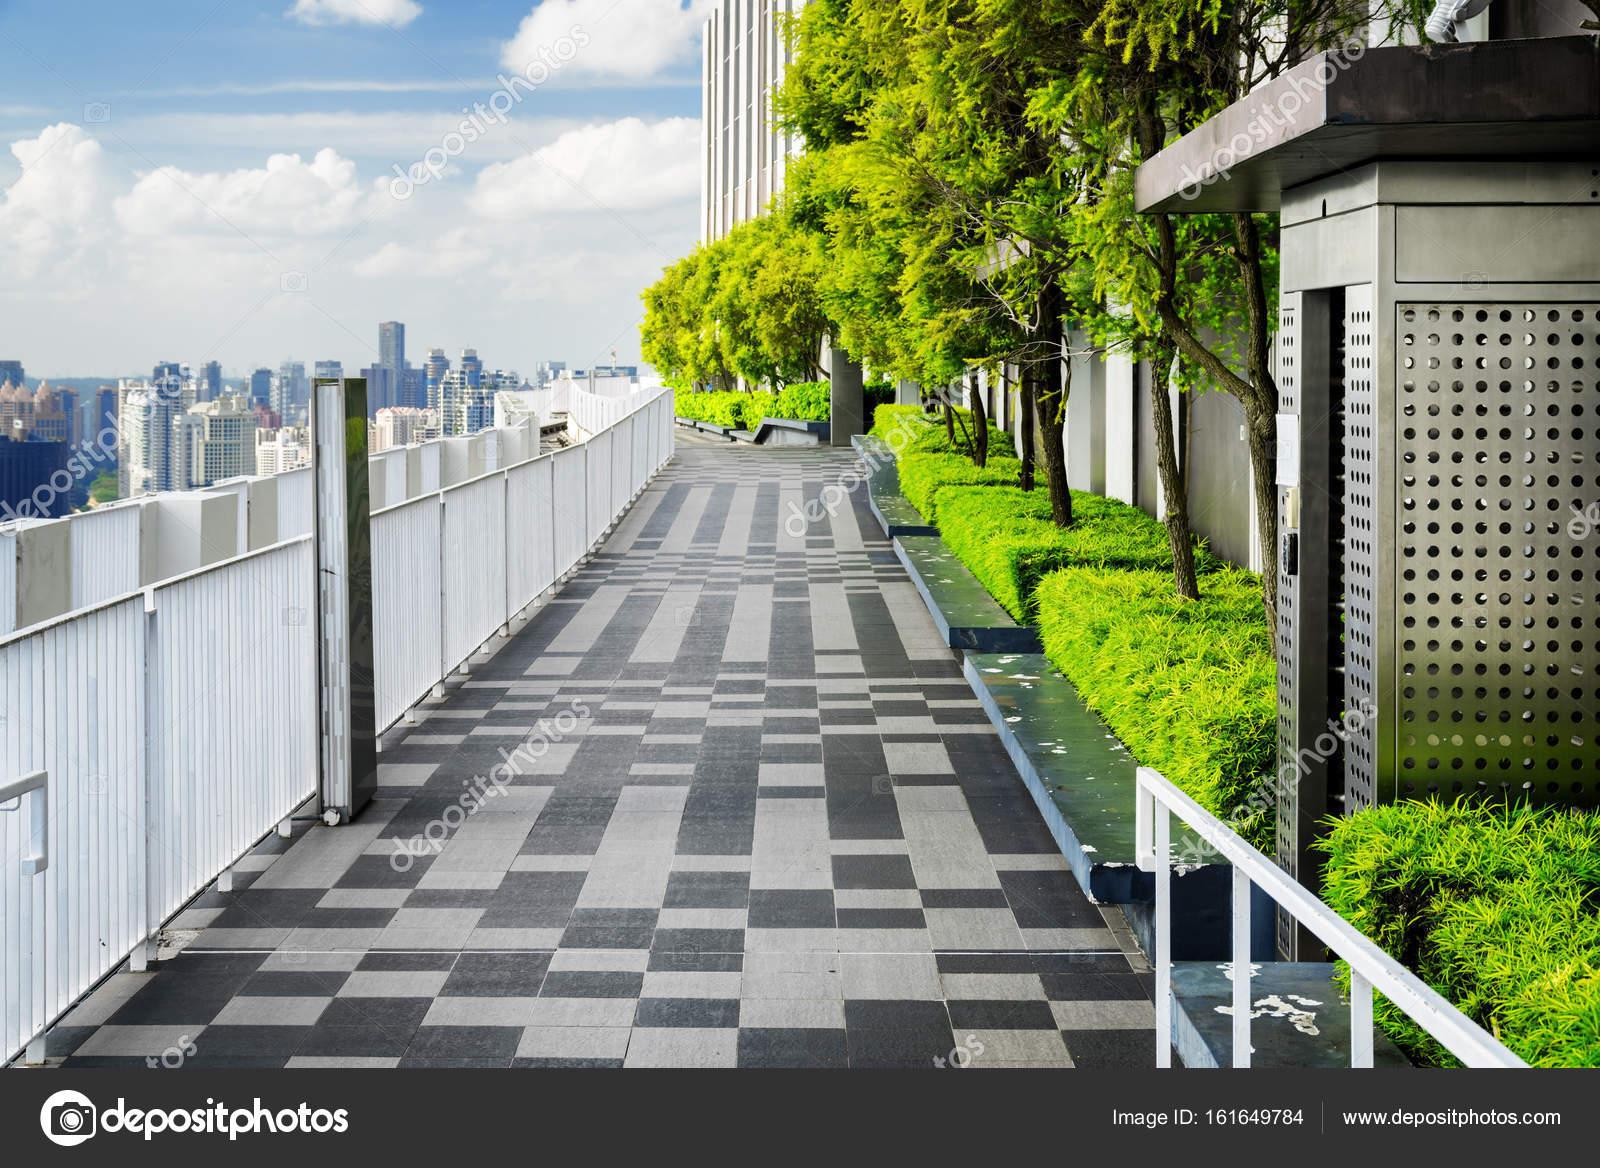 Fabelhaft Garten Terrasse Sammlung Von Schöne Dachterrasse Mit Garten. Mit Malerischen Park